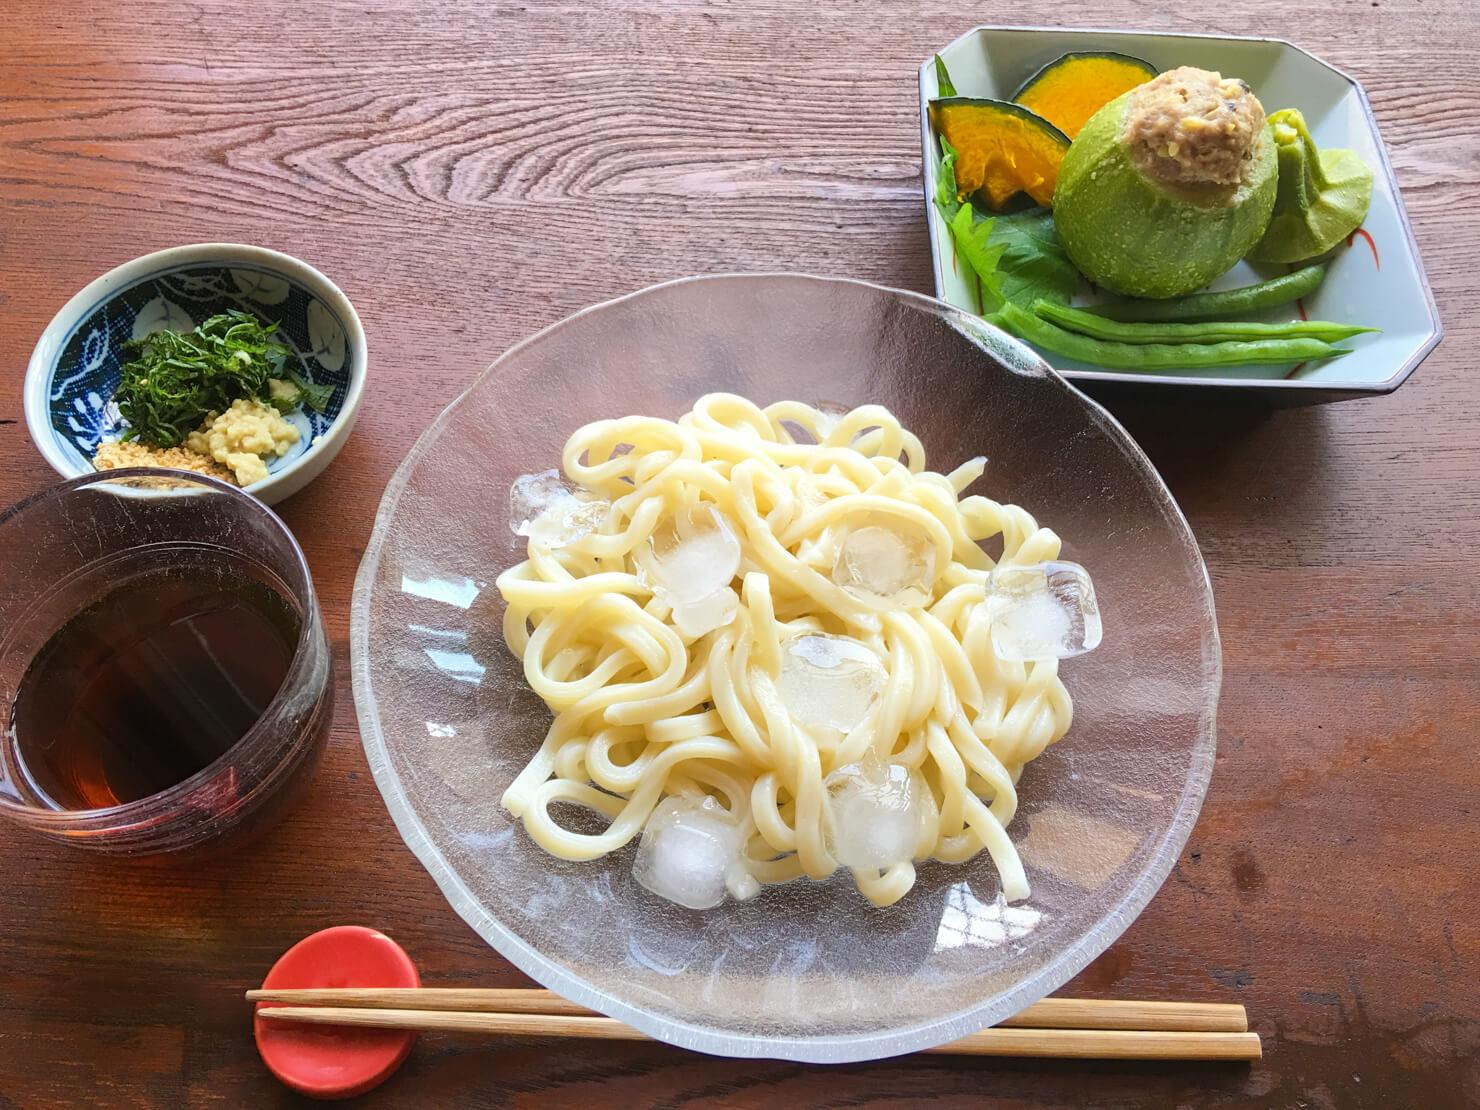 丸ズッキーニの肉詰め蒸し中心の昼食の写真